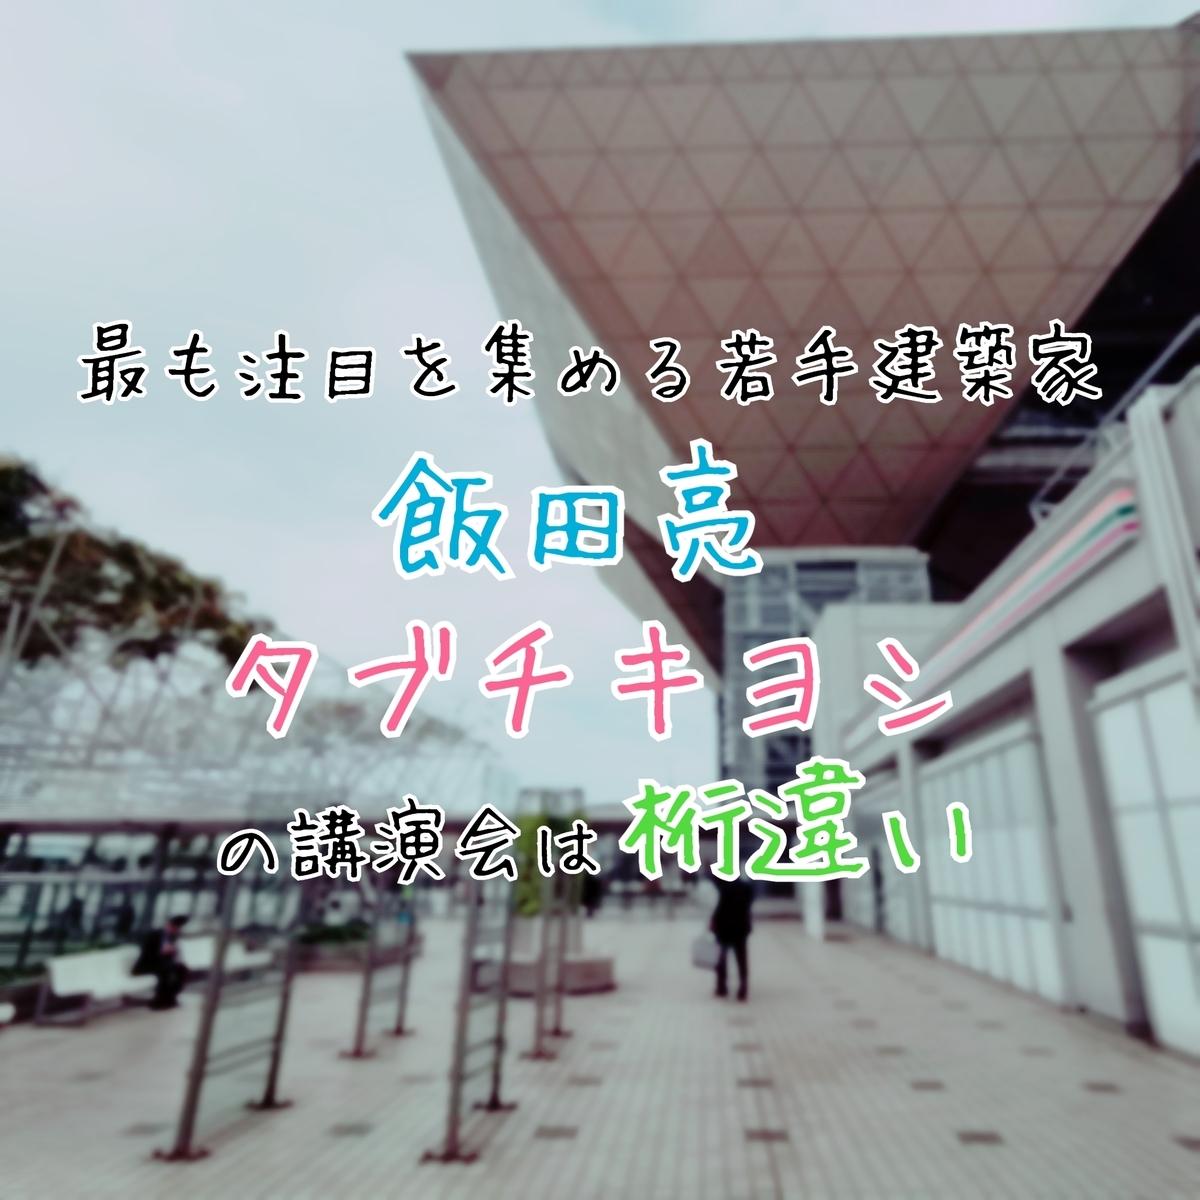 最も注目を集める若手建築家 飯田亮・タブチキヨシの講演会は桁違い